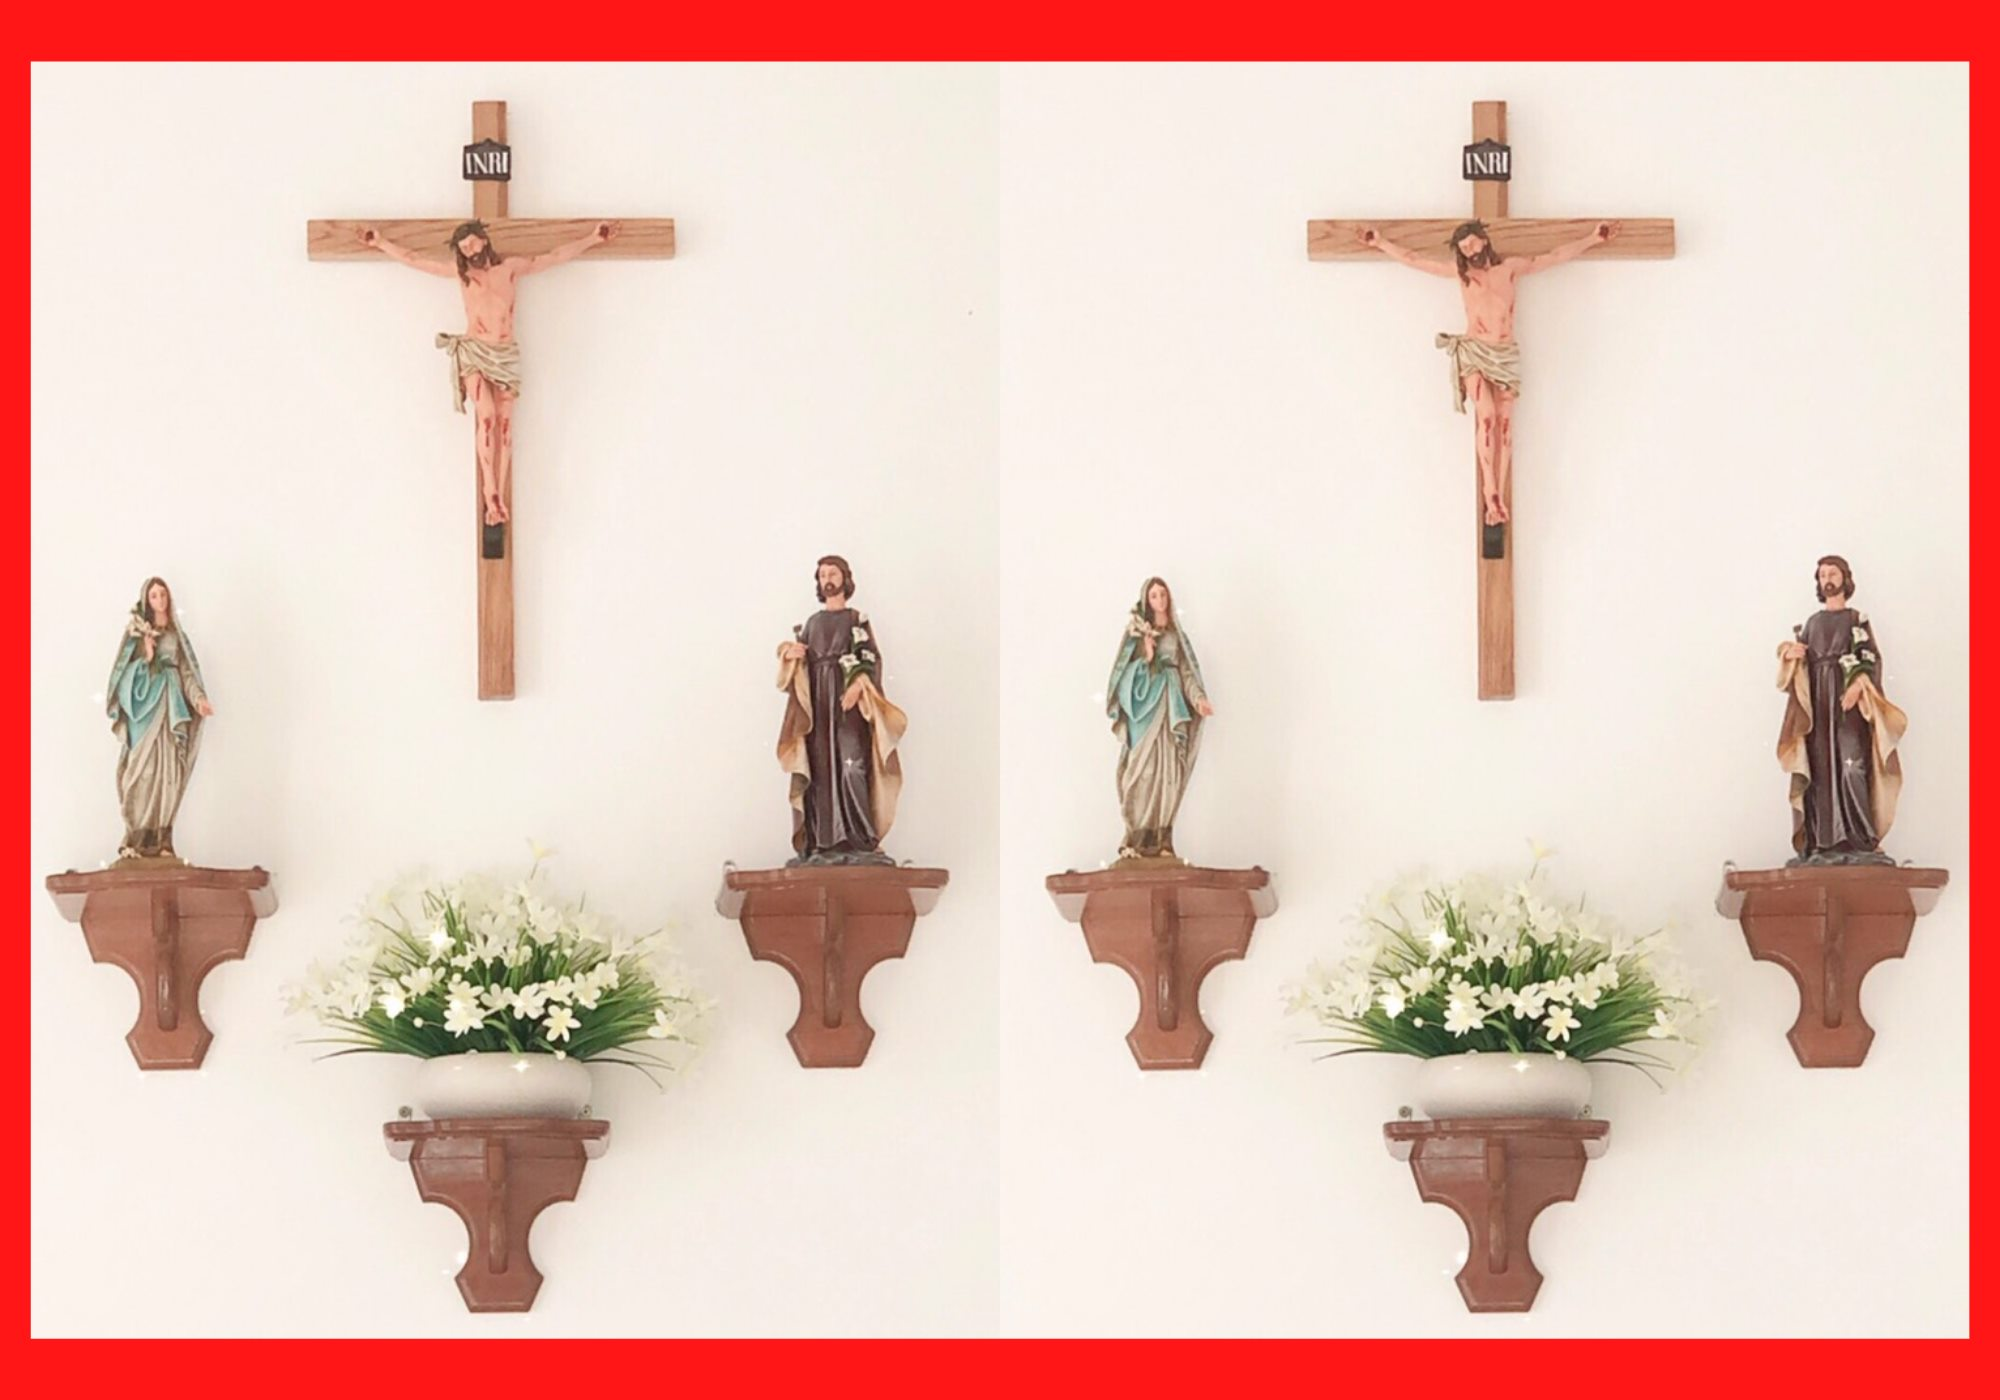 Top 5 mẫu bàn thờ công giáo, bàn thờ chúa mẫu đẹp nhất